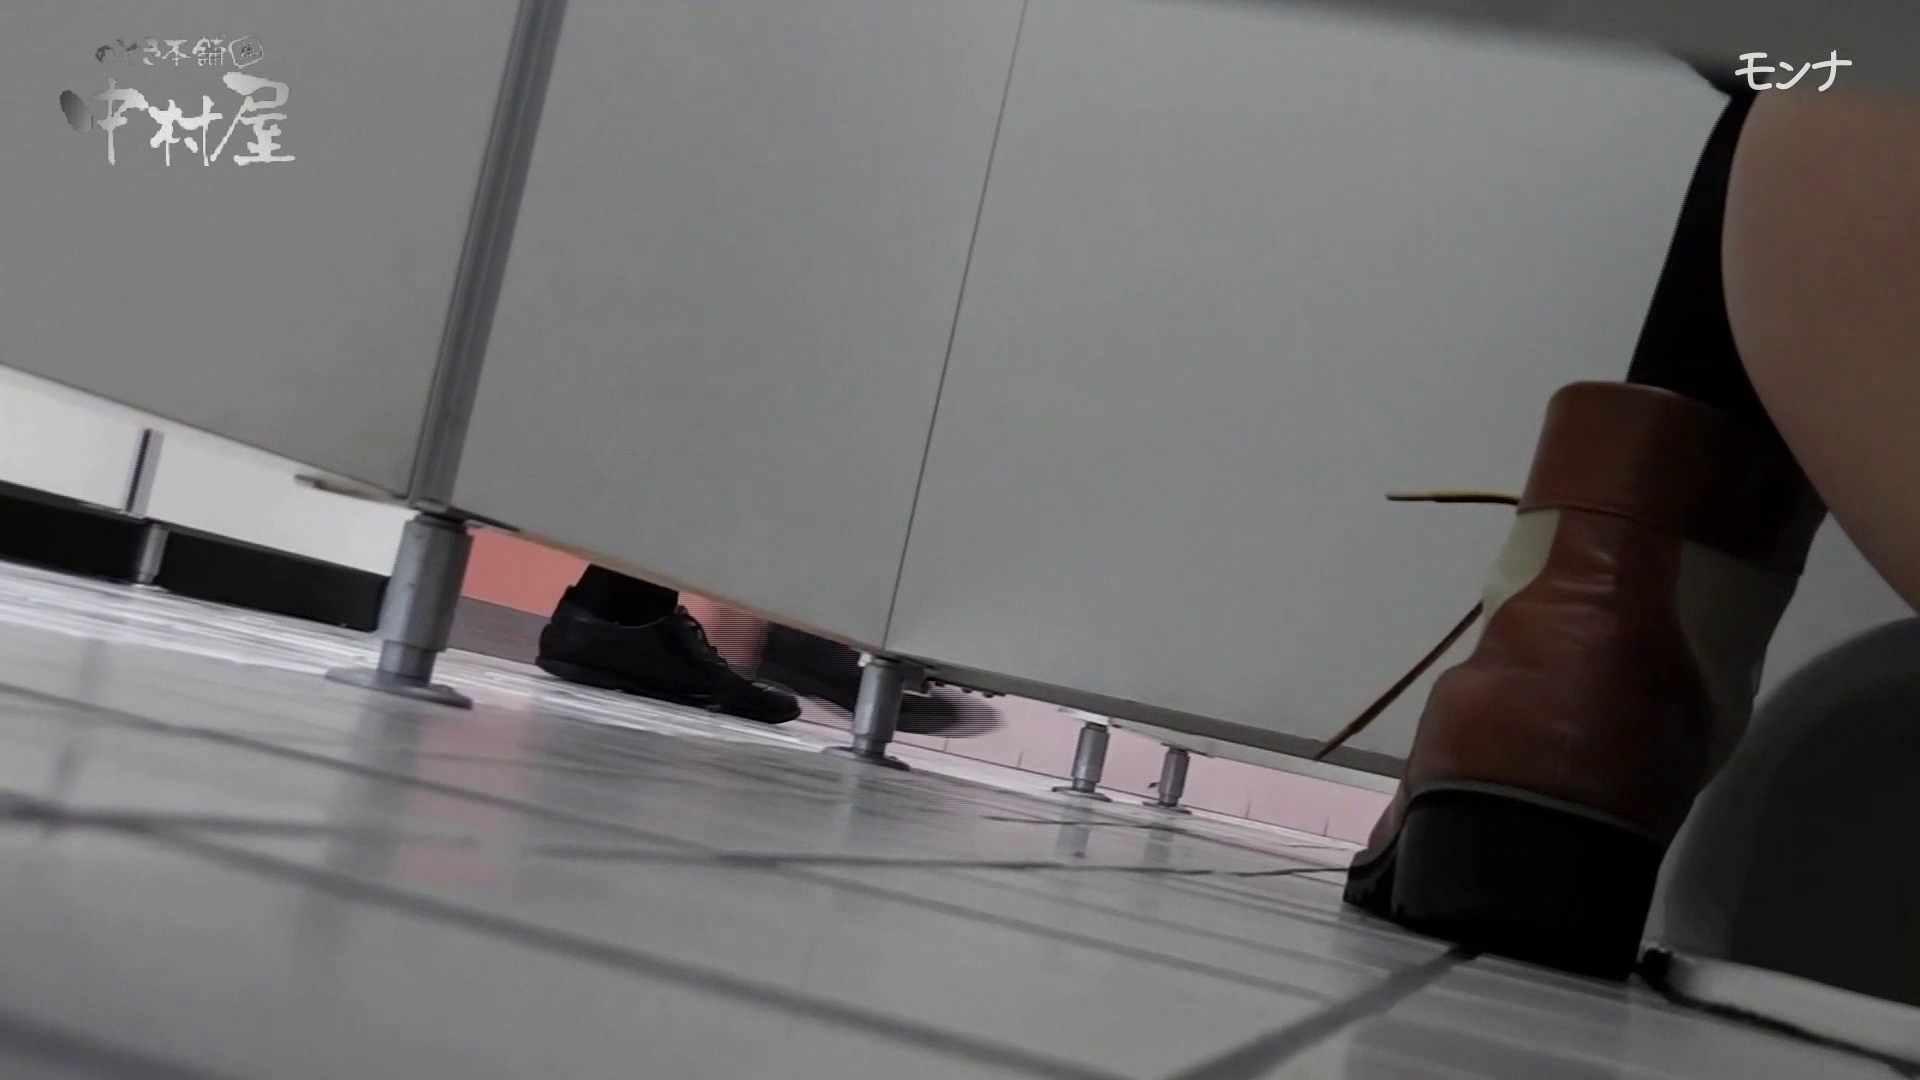 美しい日本の未来 No.49 何があった?カメラ持ちながらみんなの前に!潜り抜け 後編 盗撮特集 | おまんこ  82画像 67